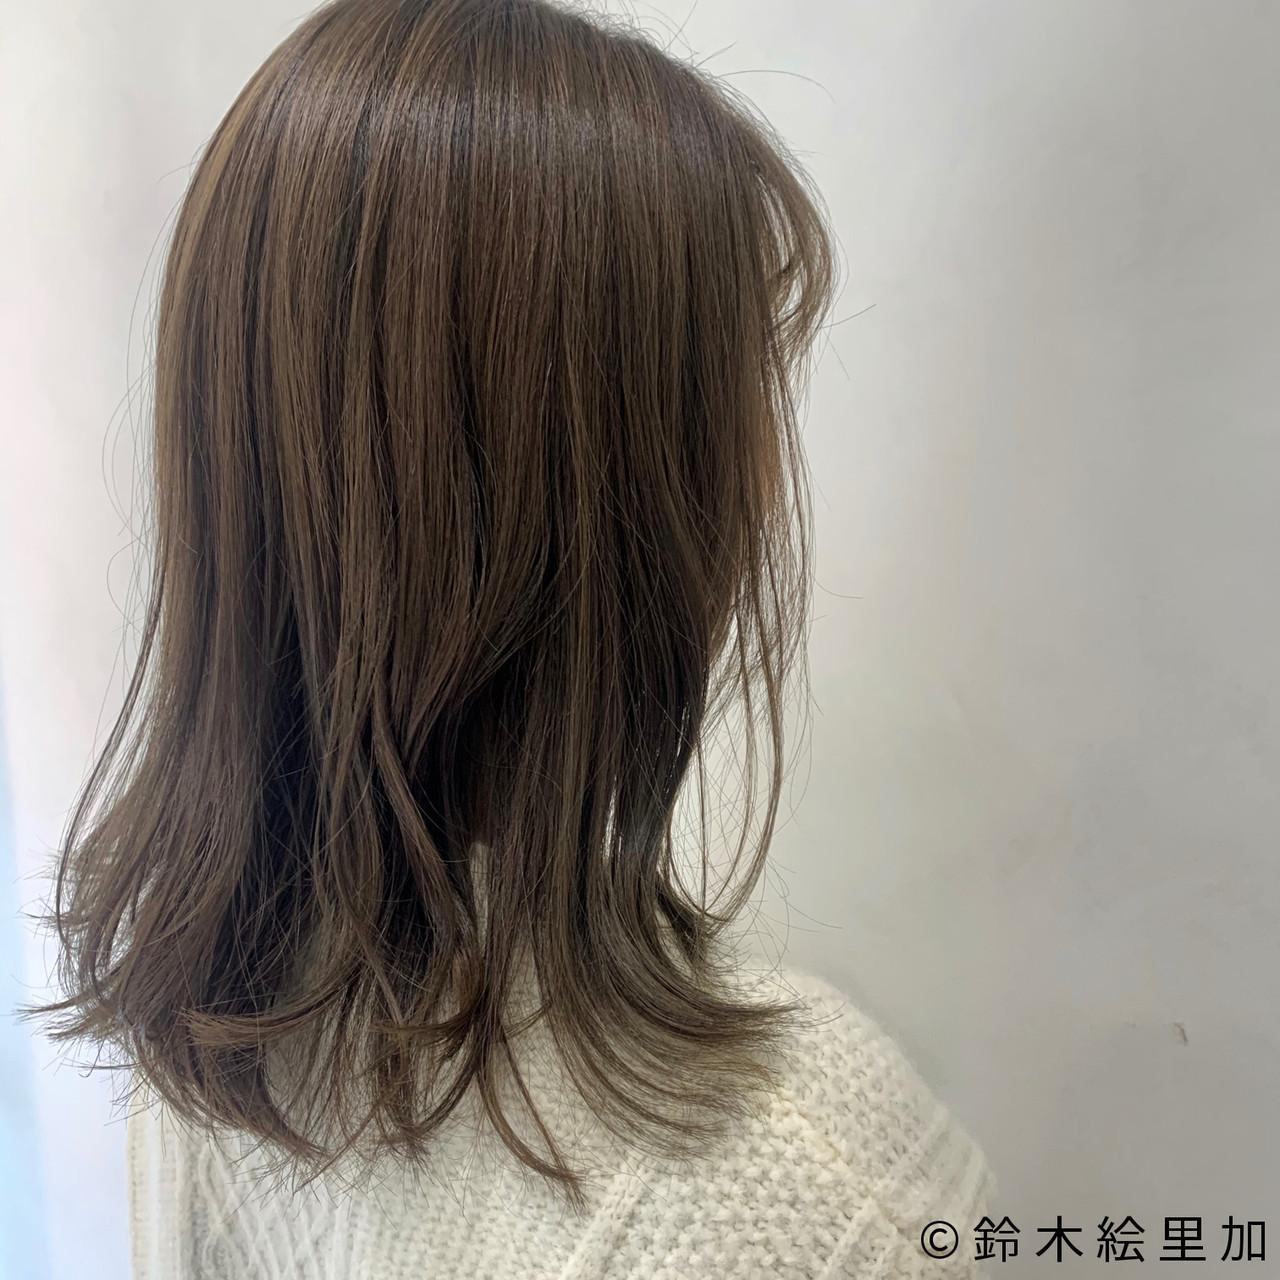 ミディアム オリーブベージュ オリーブグレージュ ナチュラル ヘアスタイルや髪型の写真・画像